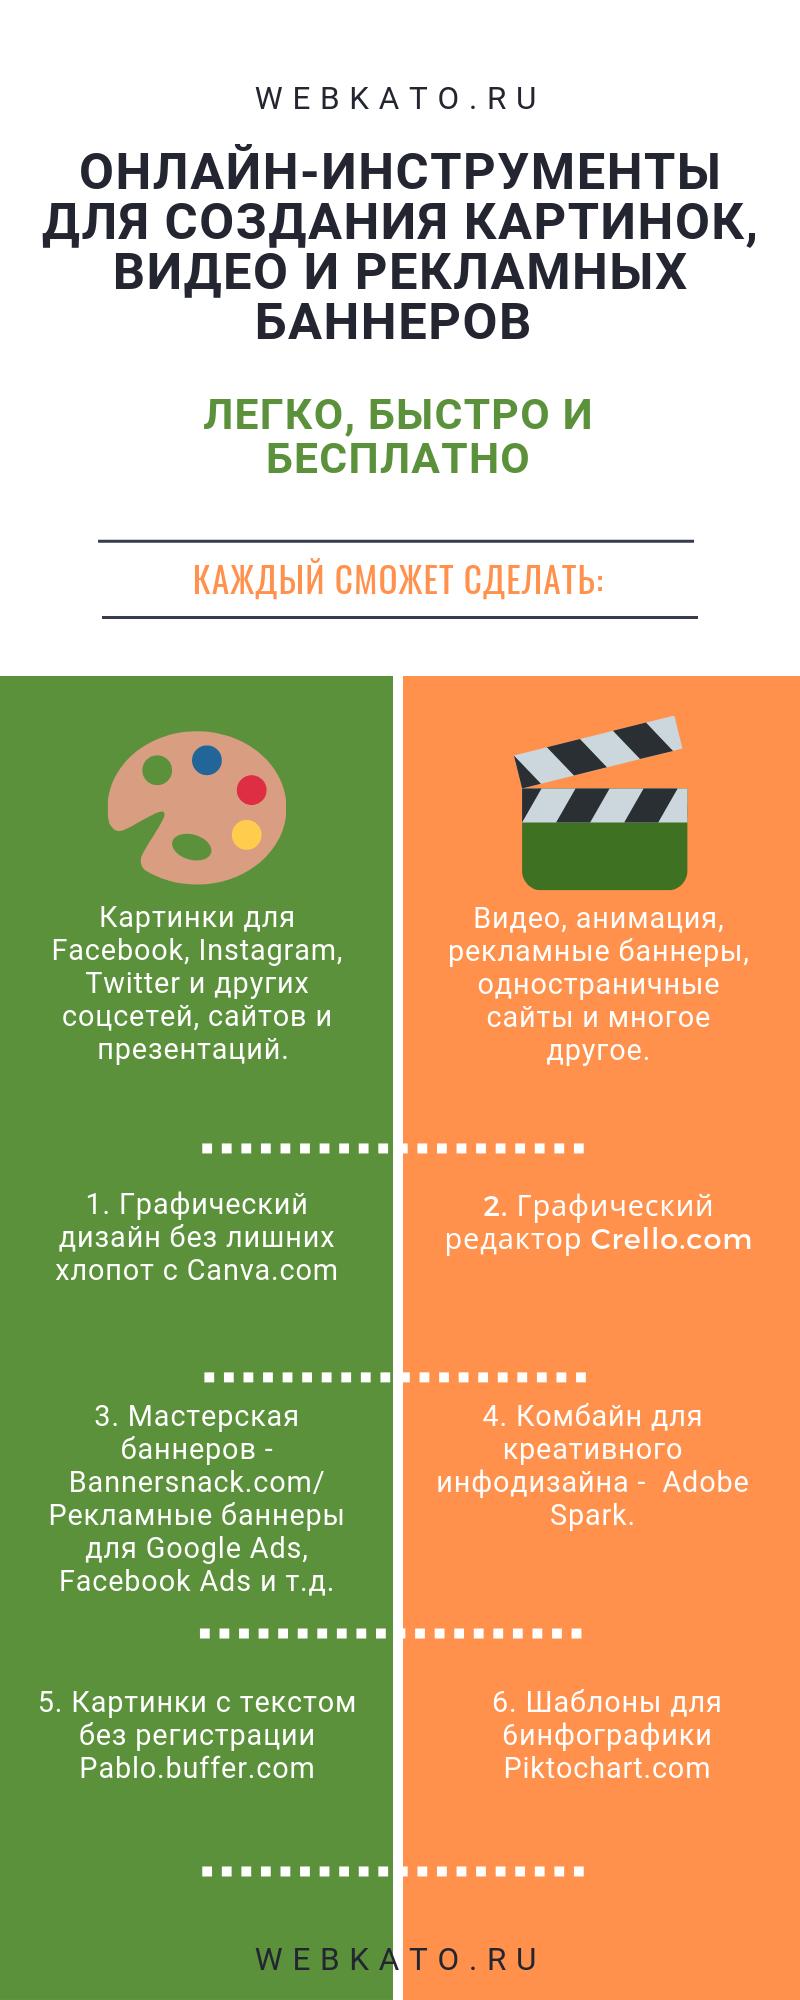 4 бесплатных инструмента для создания баннера и любой инфографики